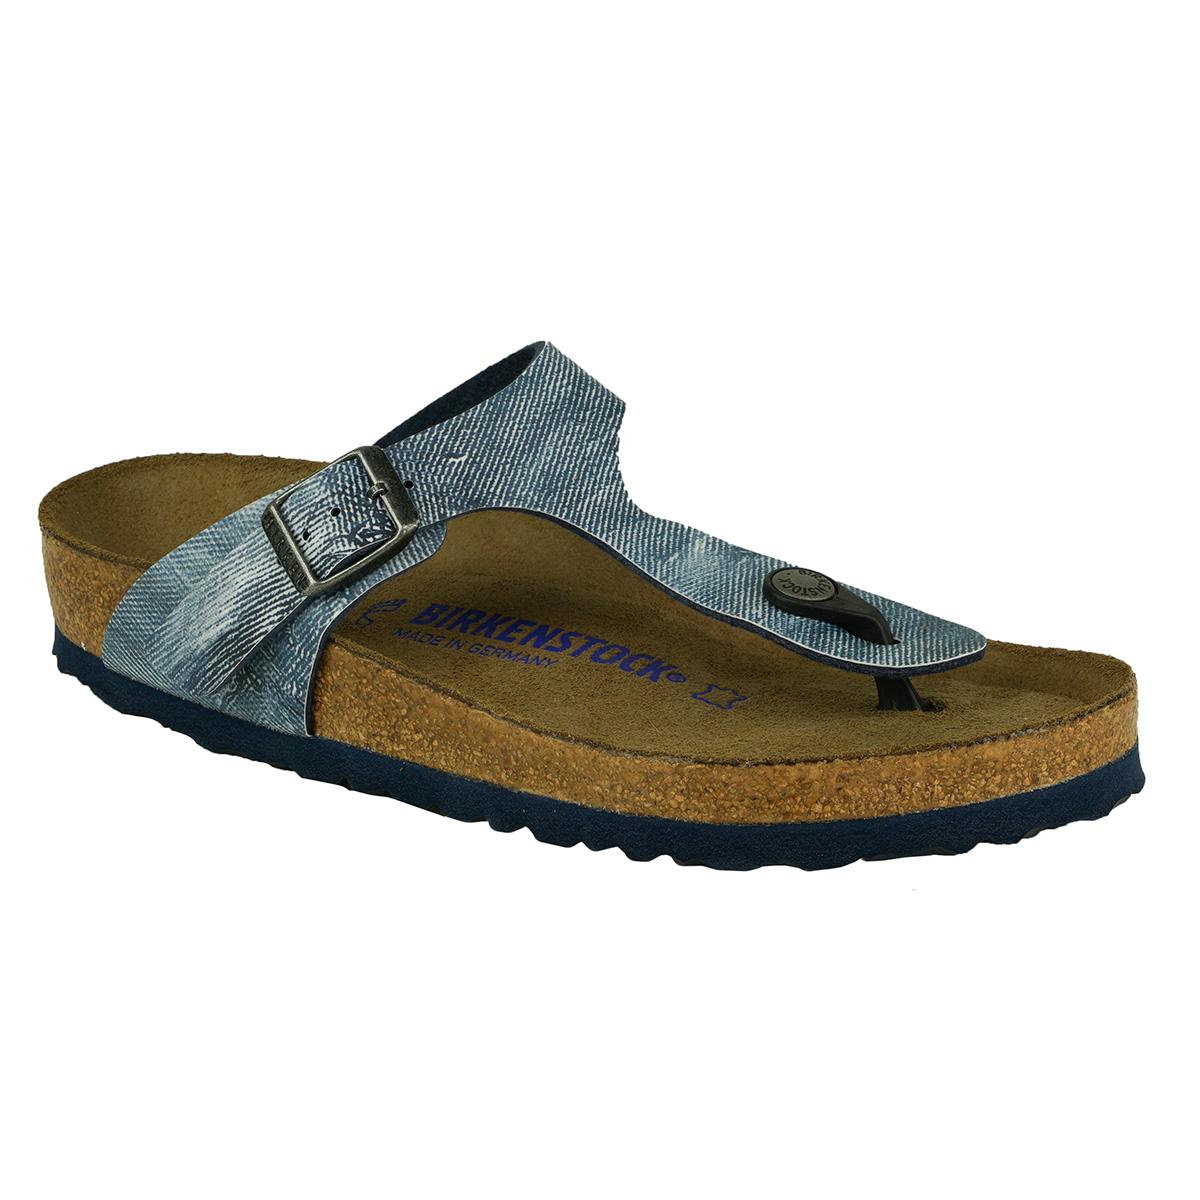 fde1452743a46 Details about Birkenstock Gizeh Soft Footbed Birko-Flor Sandals Jeans  Washed Out Blue 37